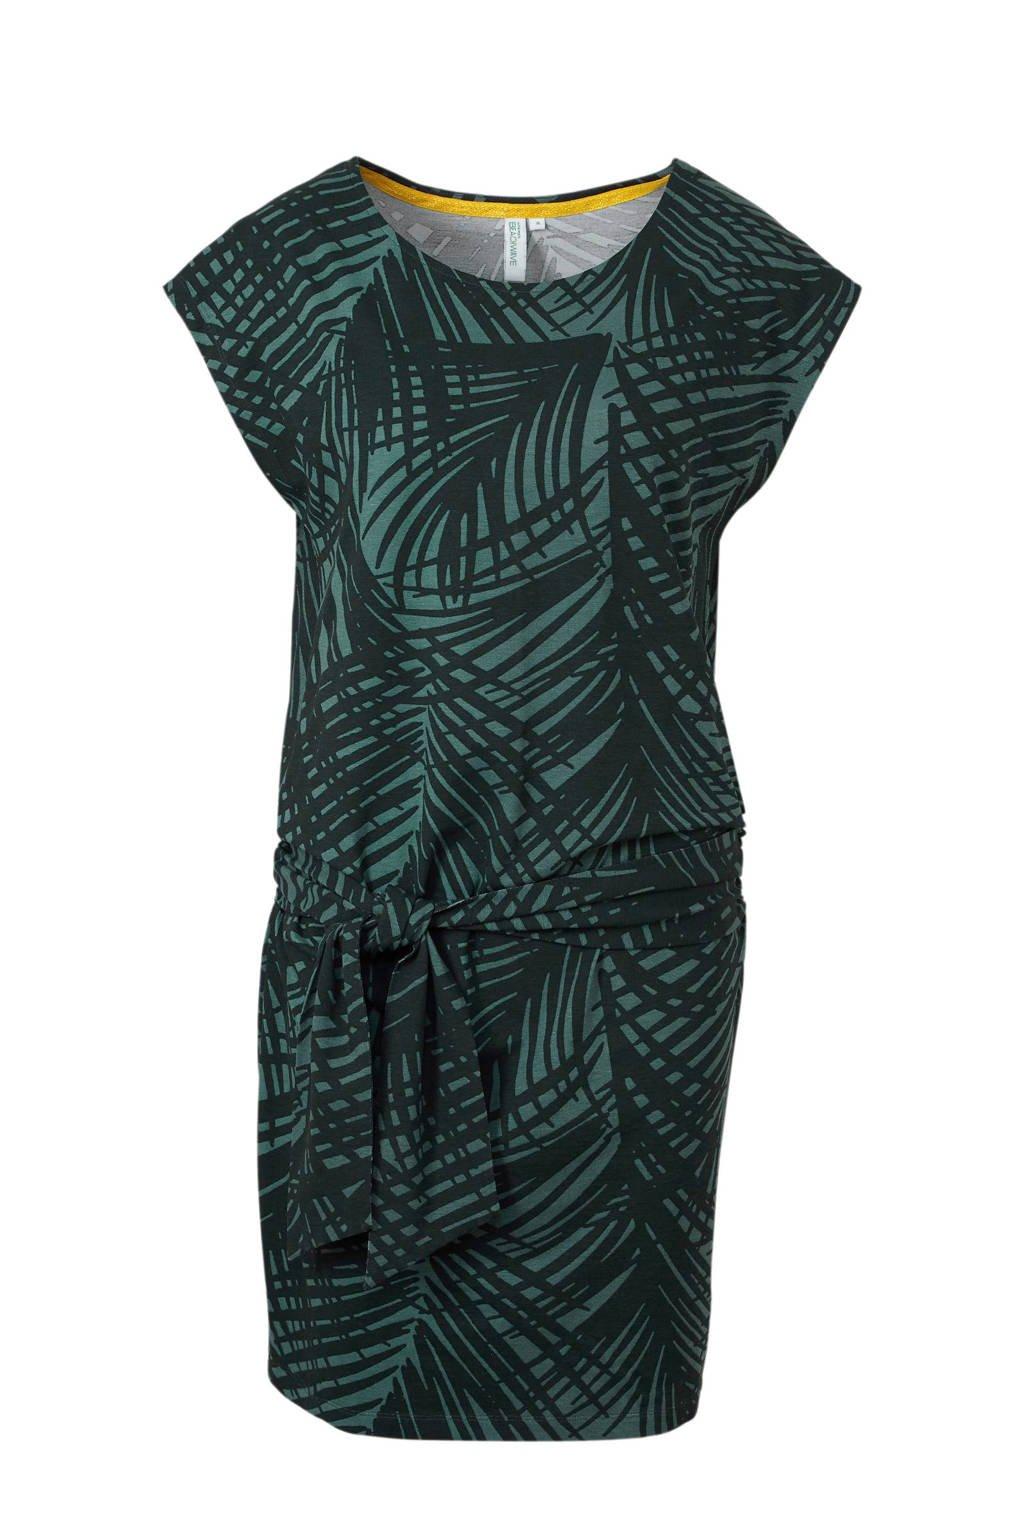 whkmp's beachwave jurk met ceintuur detail en bladprint, Groen/donkergroen